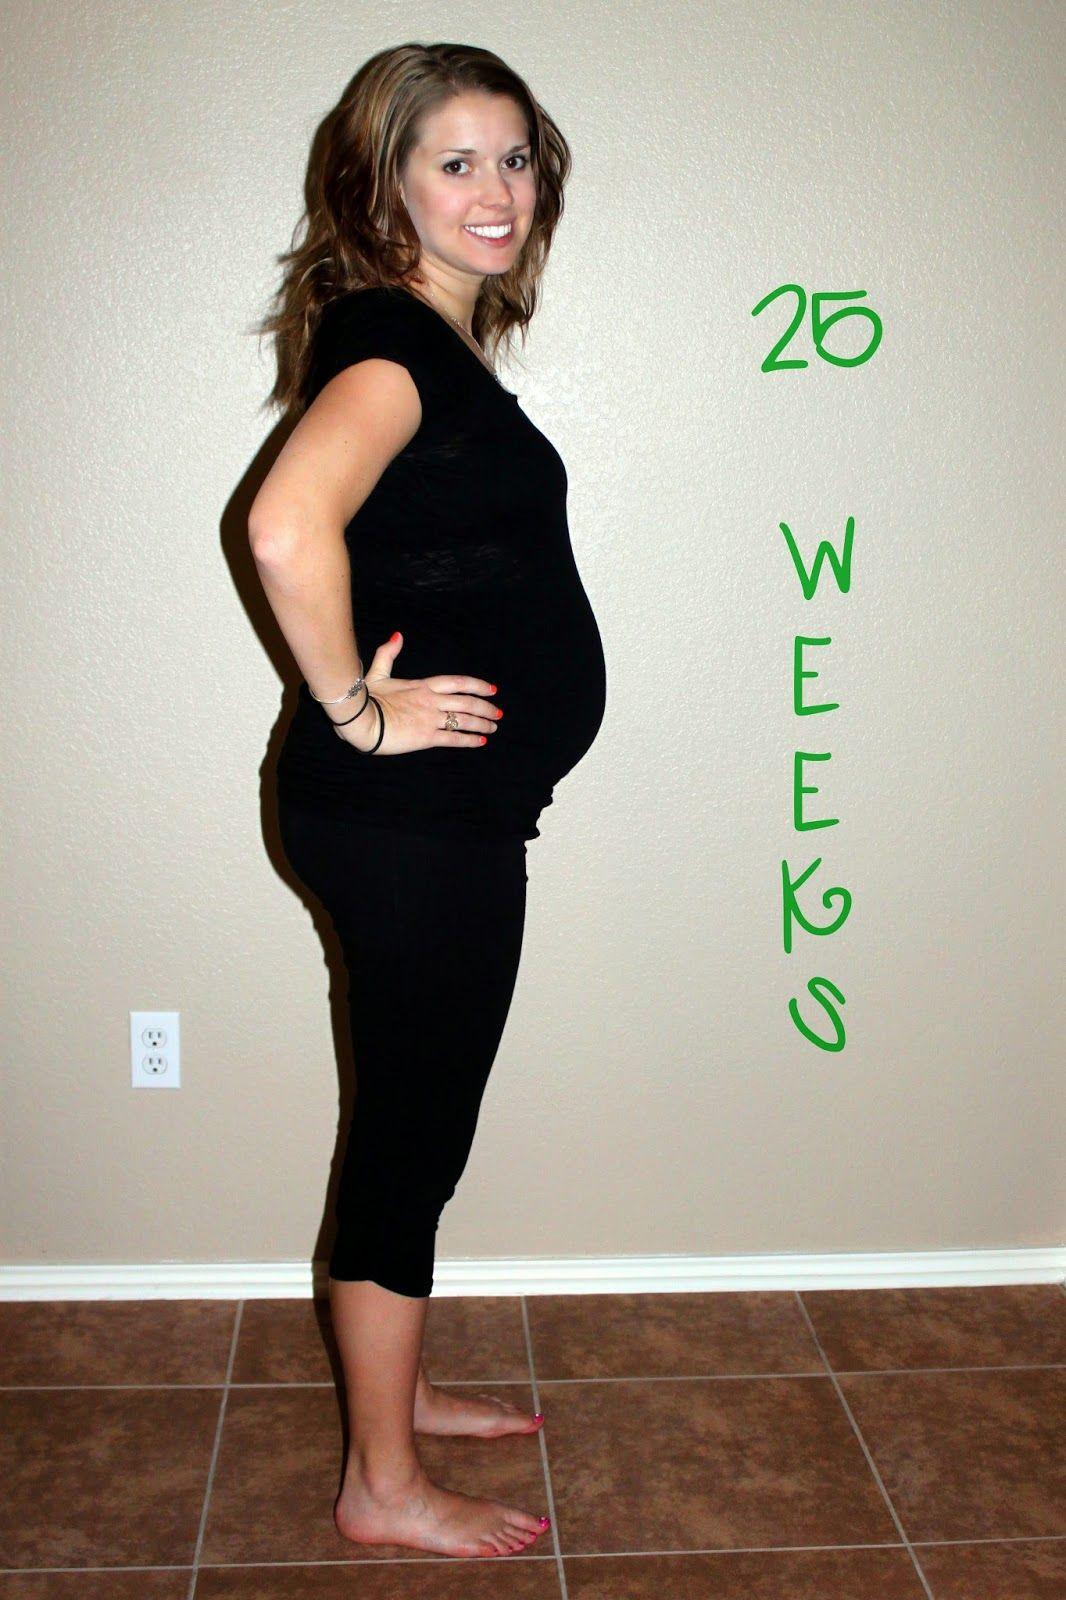 25 Weeks...Our Little Cauliflower